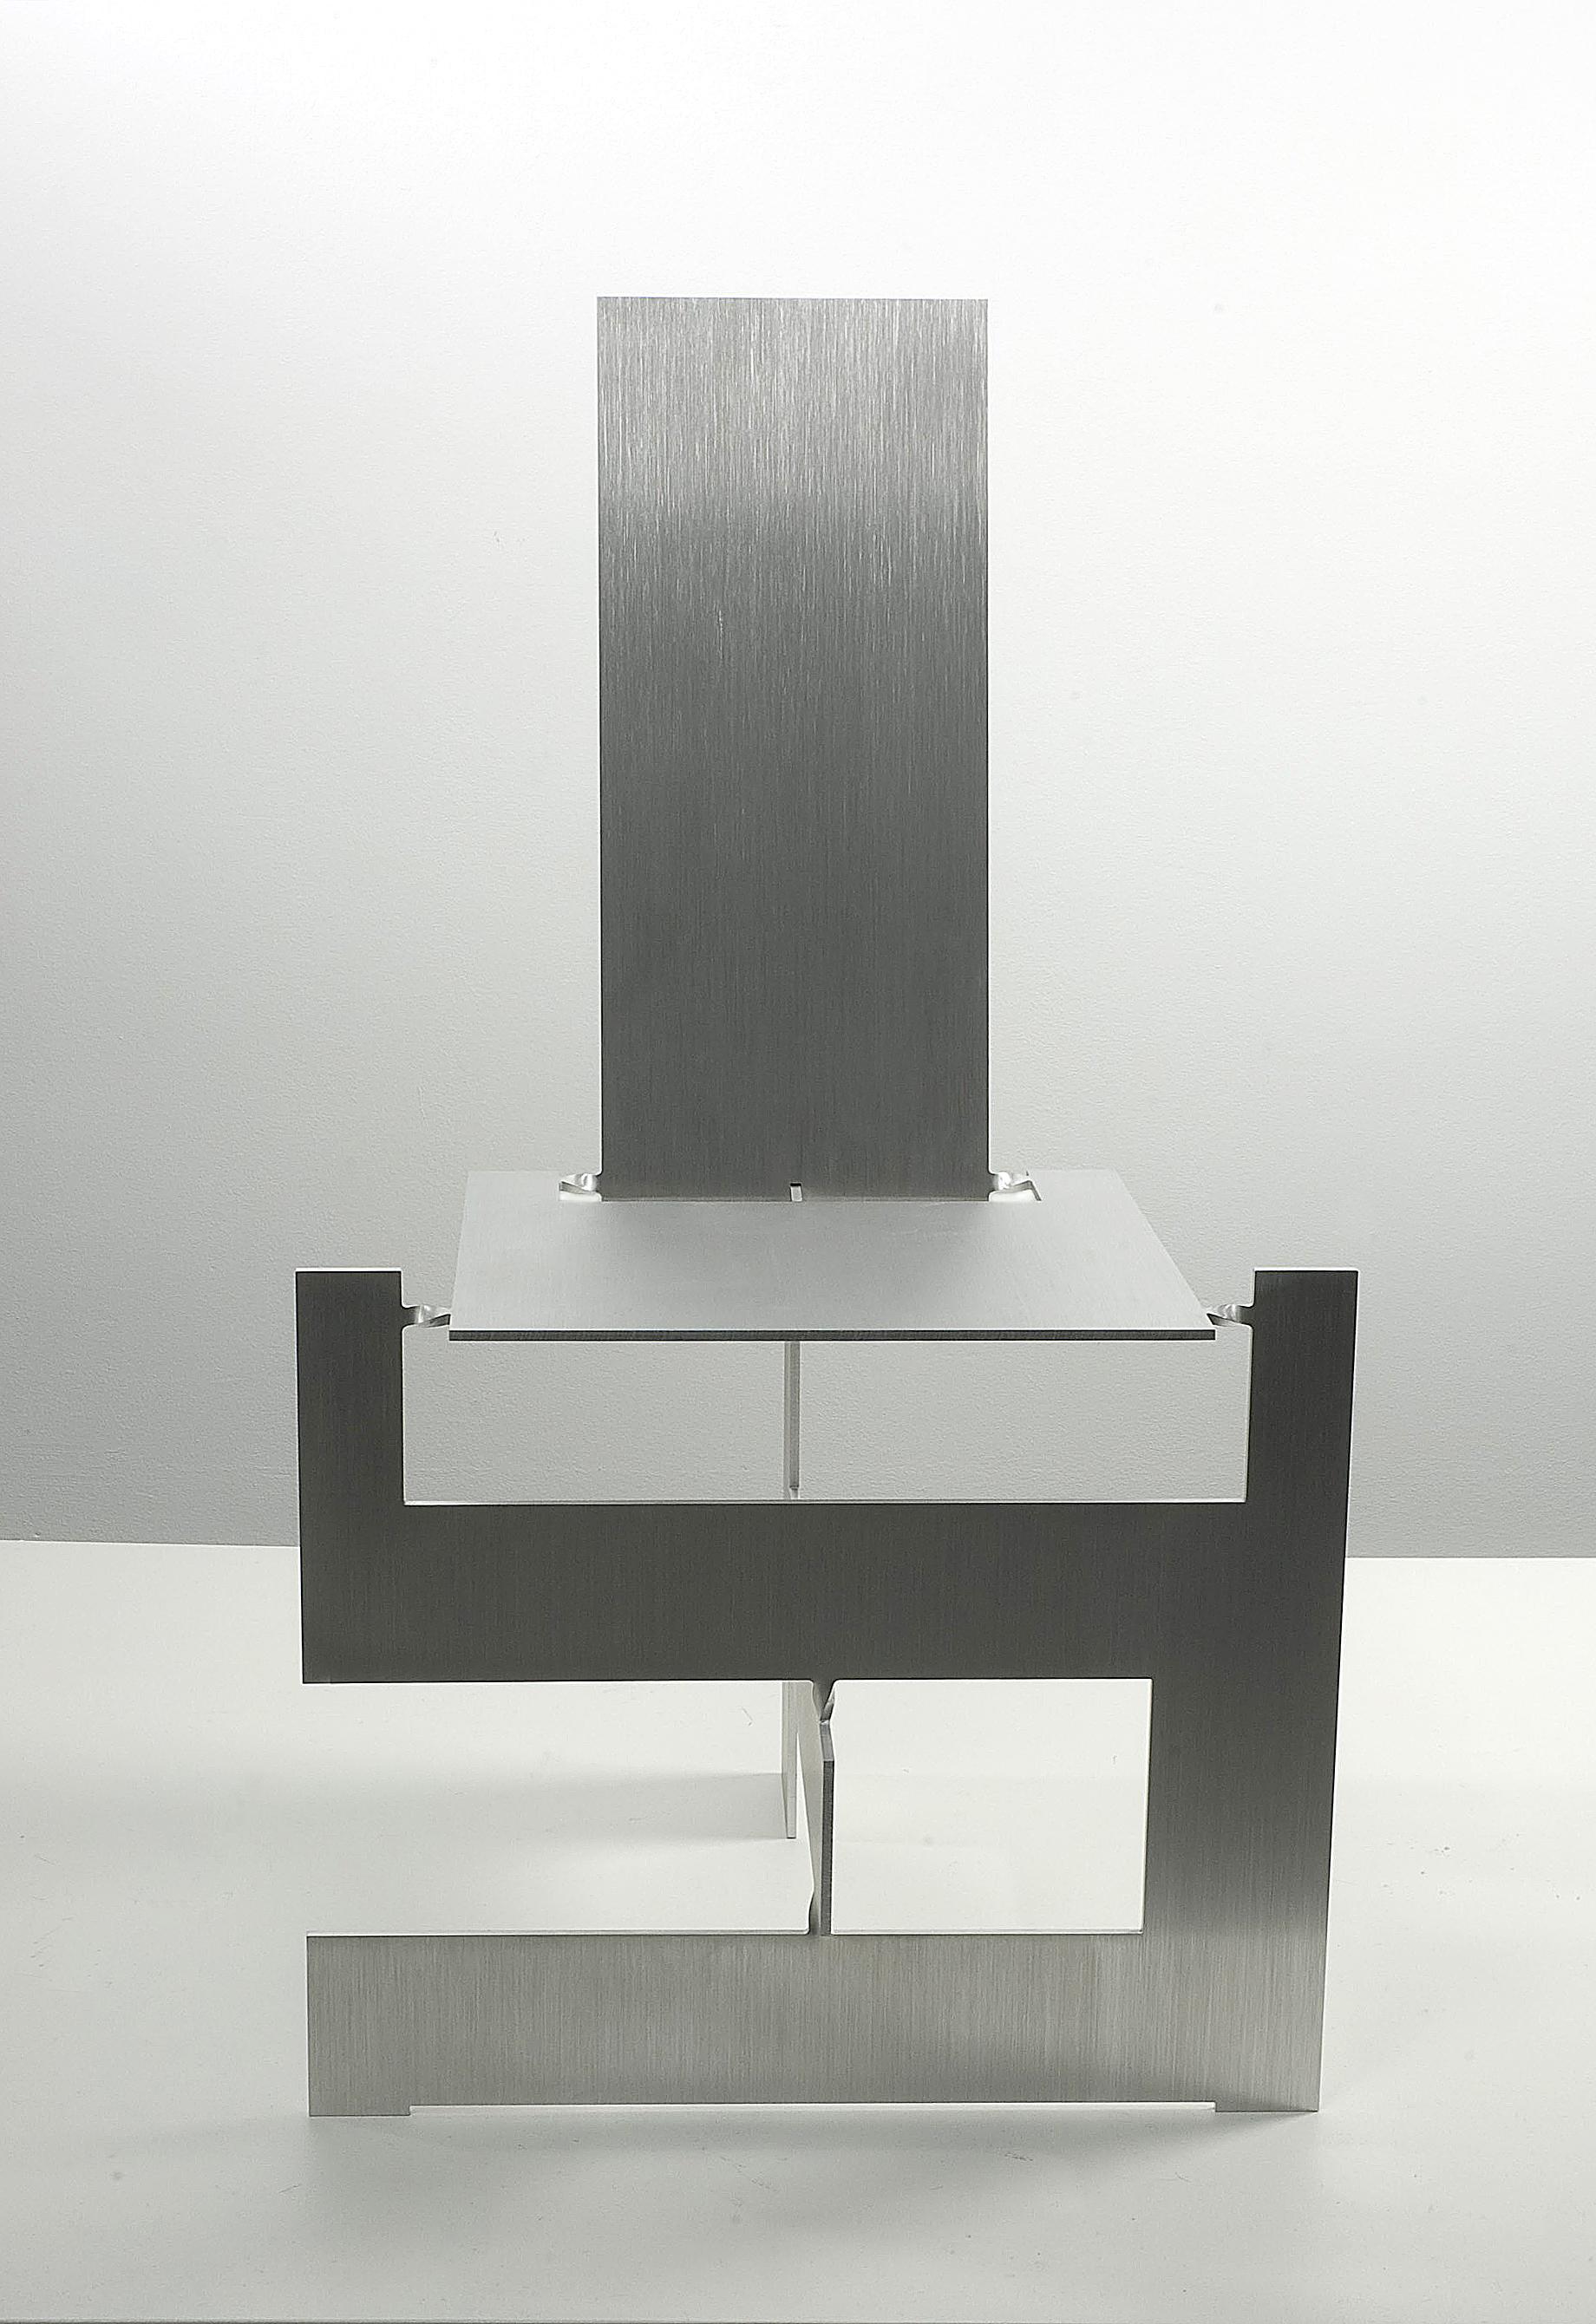 Kadushin-Flatveld chair 3.jpg